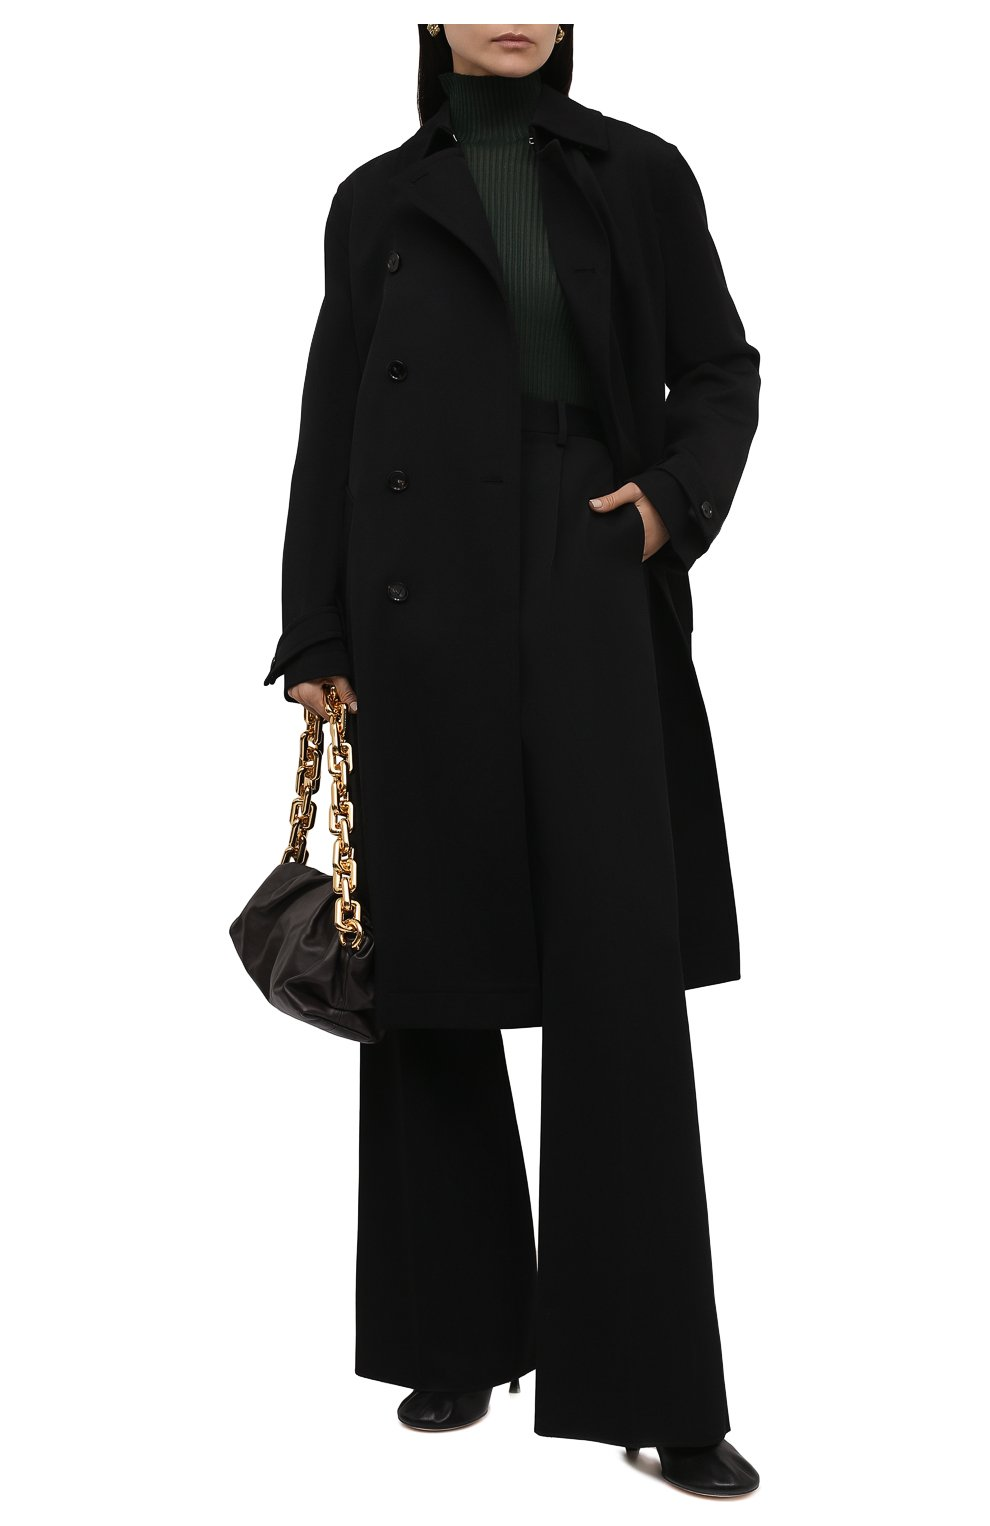 Женский шерстяной тренч BOTTEGA VENETA черного цвета, арт. 666052/V0B20 | Фото 2 (Материал внешний: Шерсть; Рукава: Длинные; Длина (верхняя одежда): Длинные; Материал подклада: Хлопок; Стили: Кэжуэл)